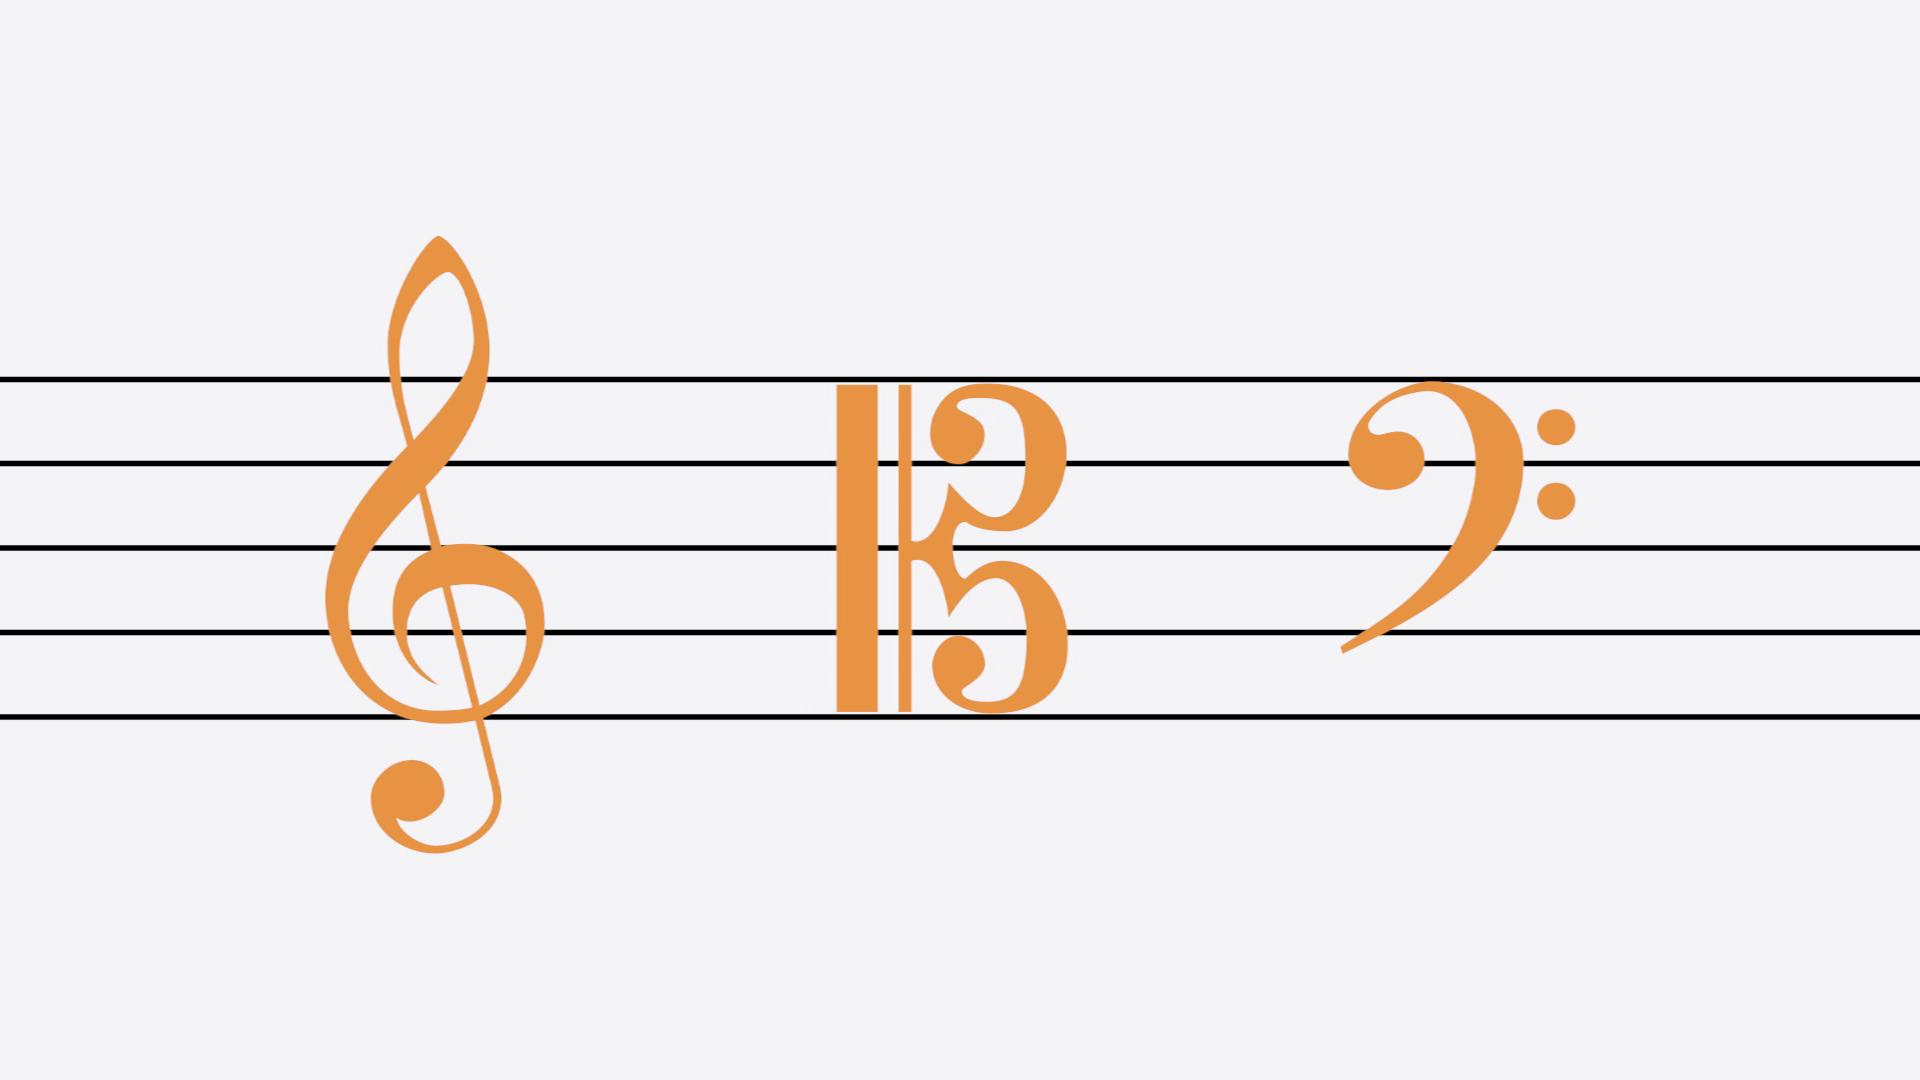 Les 3 figures de clef